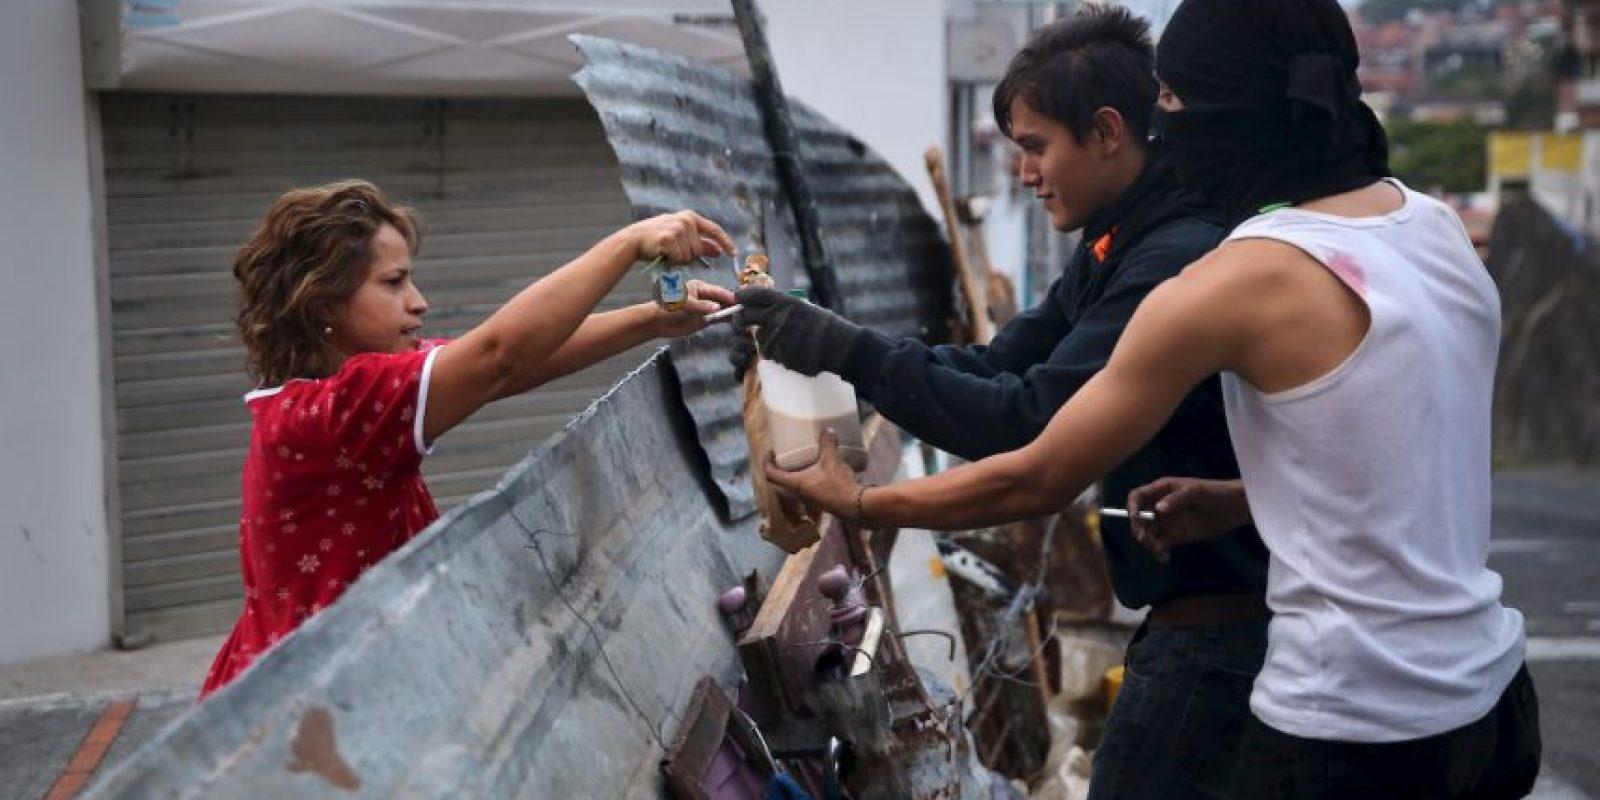 Según información presentada por Maduro las células criminales recibieron apoyo financiero de la Embajada de Estados Unidos. Foto:Getty Images